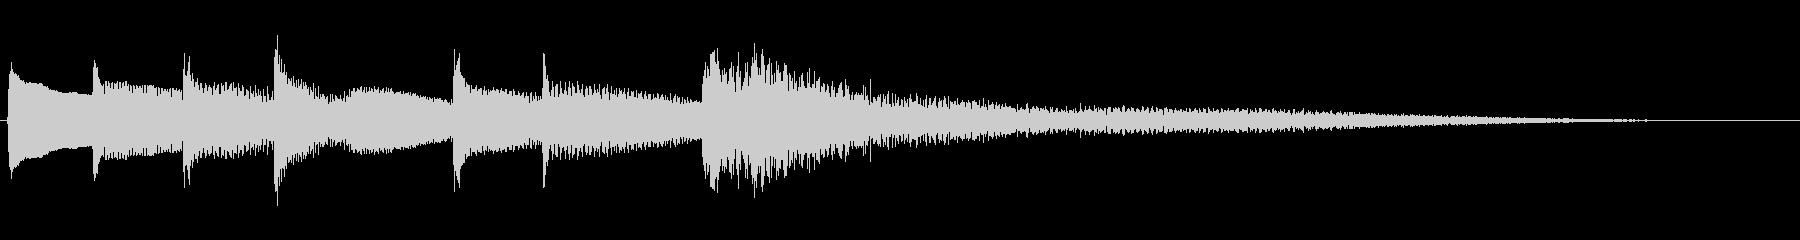 のびやかな優しいピアノジングルの未再生の波形